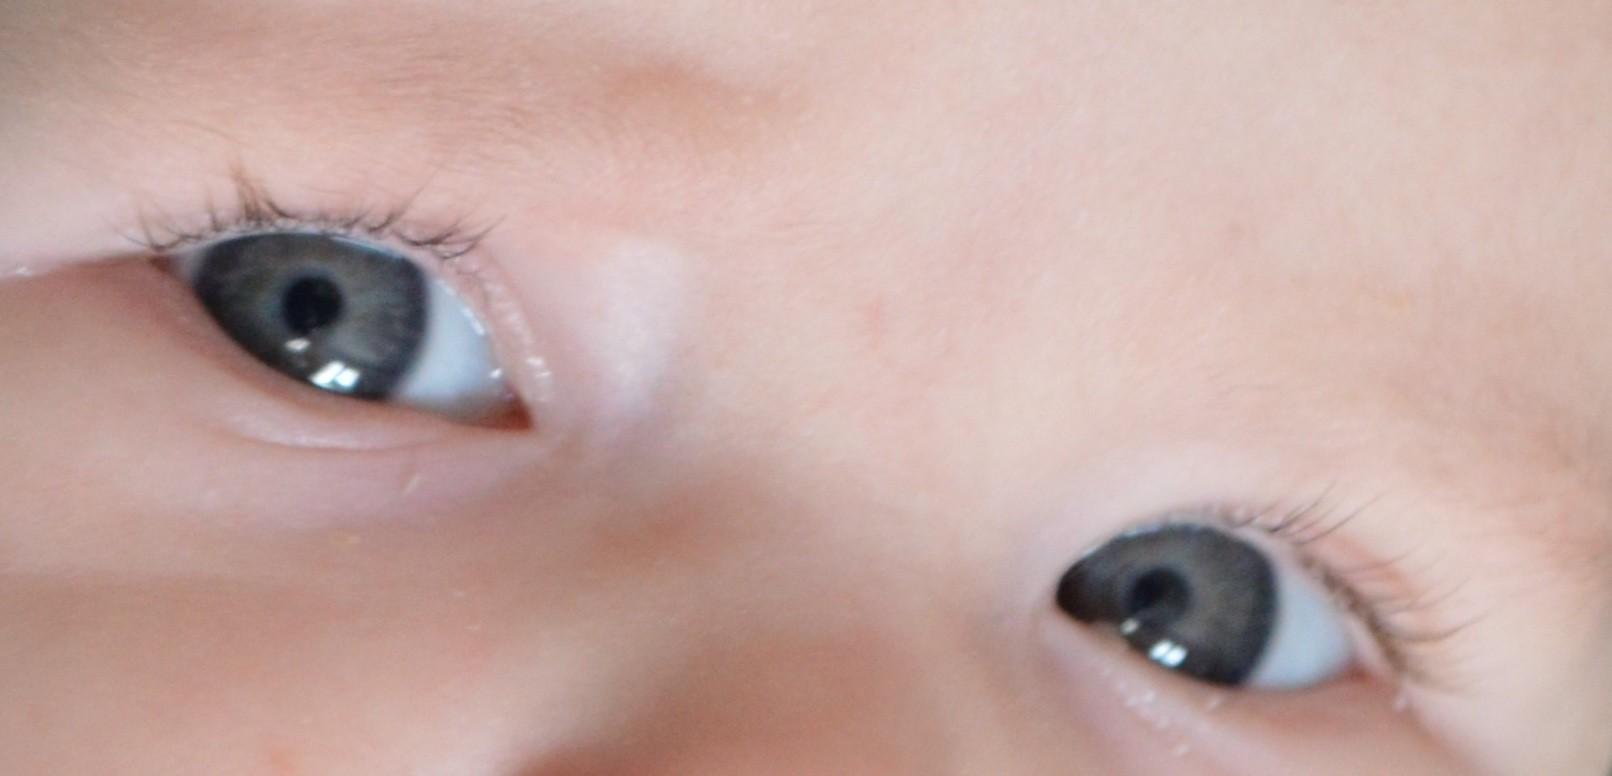 Couleur Gris Bleu Foncé couleur yeux bébé 5 mois (papa yeux bleus - maman yeux